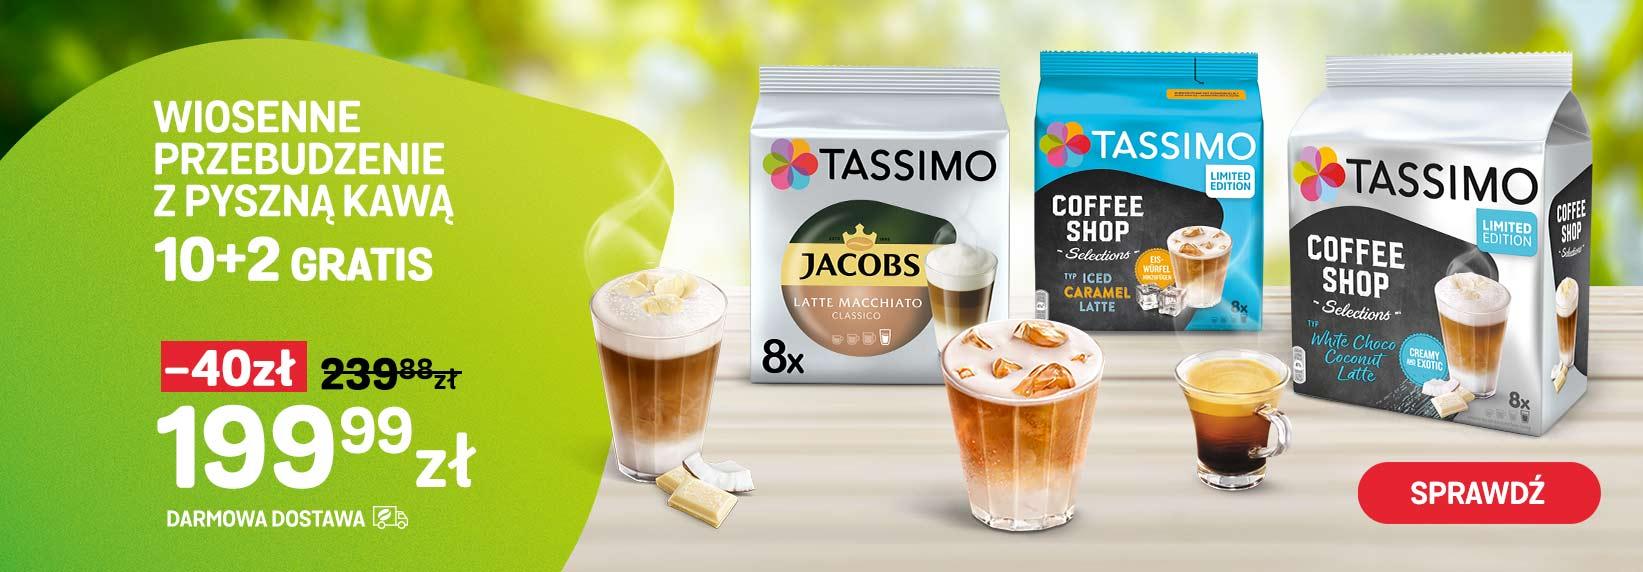 Promocja: 10 plus 2 opakowania kapsułek Tassimo gratis